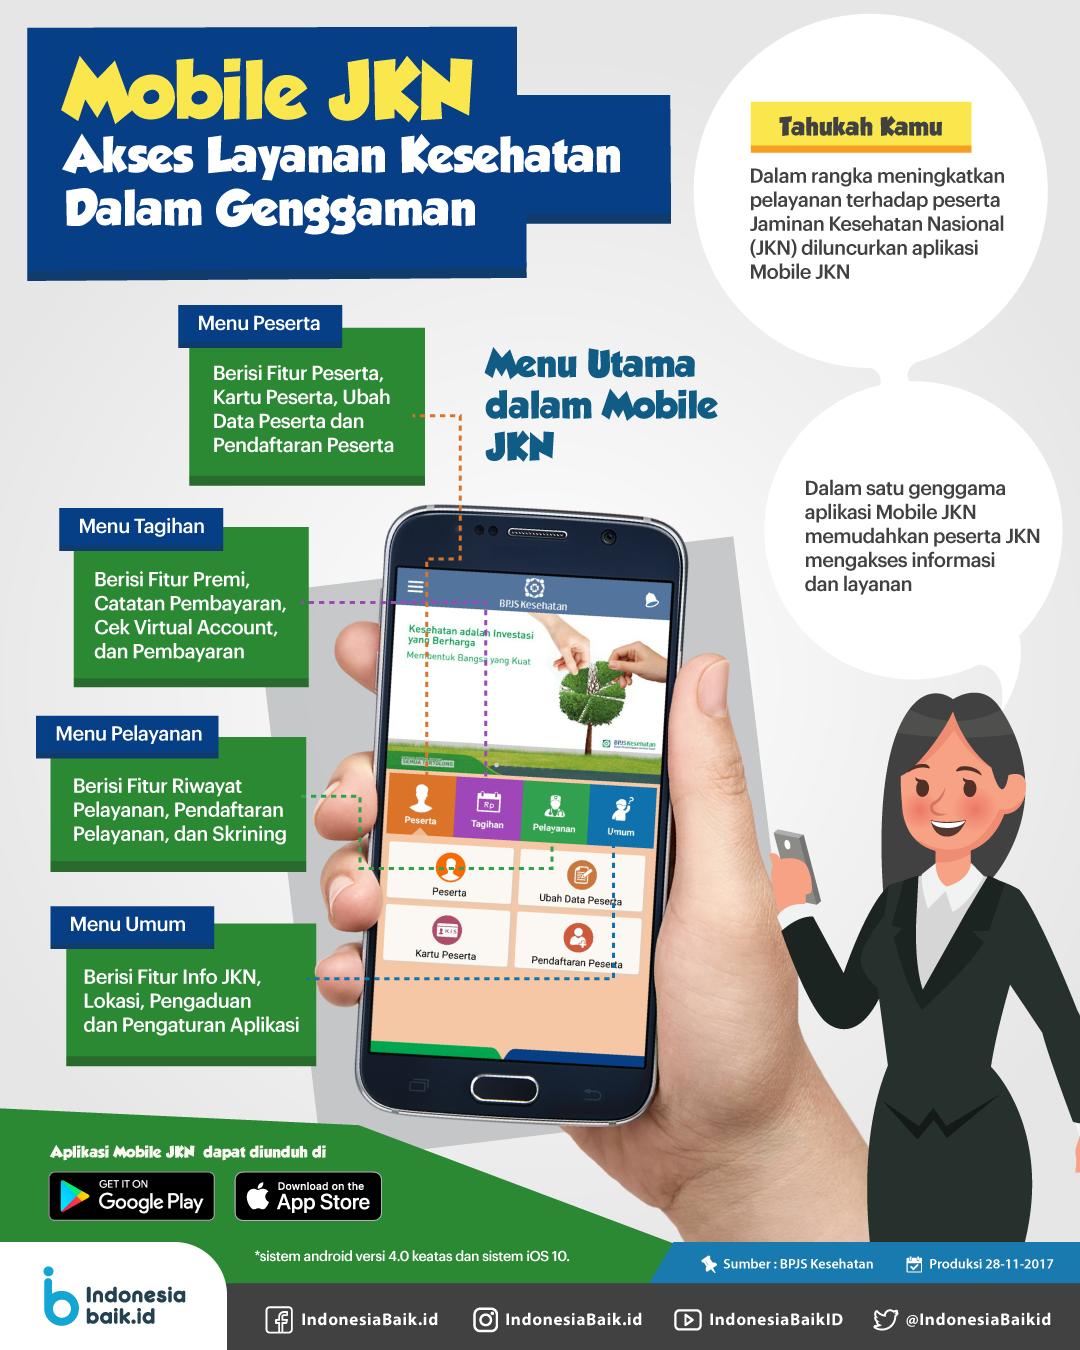 Mobile JKN, Akses Layanan Kesehatan dalam Genggaman